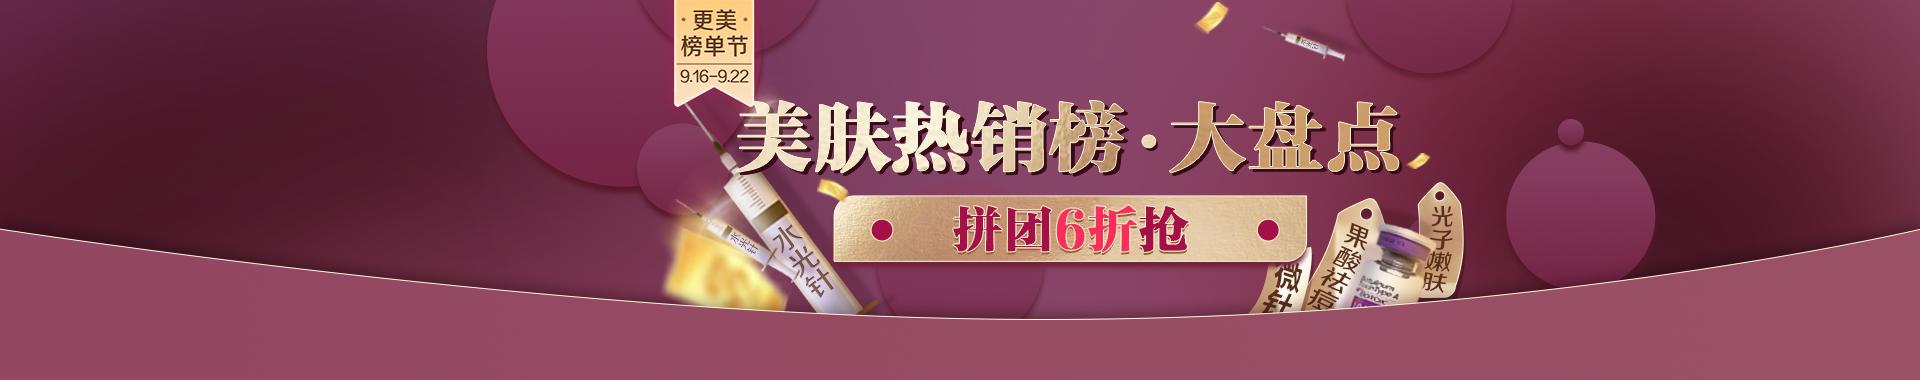 9月榜單節-美膚熱銷拼團專場